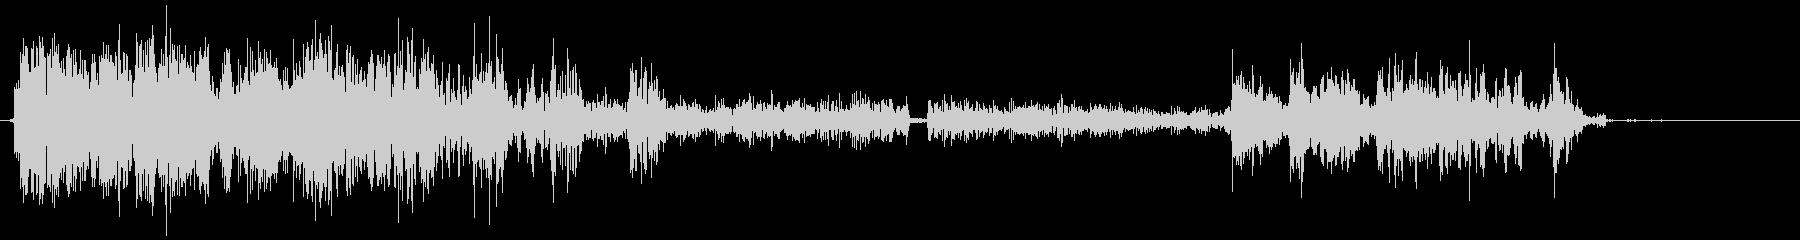 DJ,ラジオ,映像,クリエイター様に10の未再生の波形